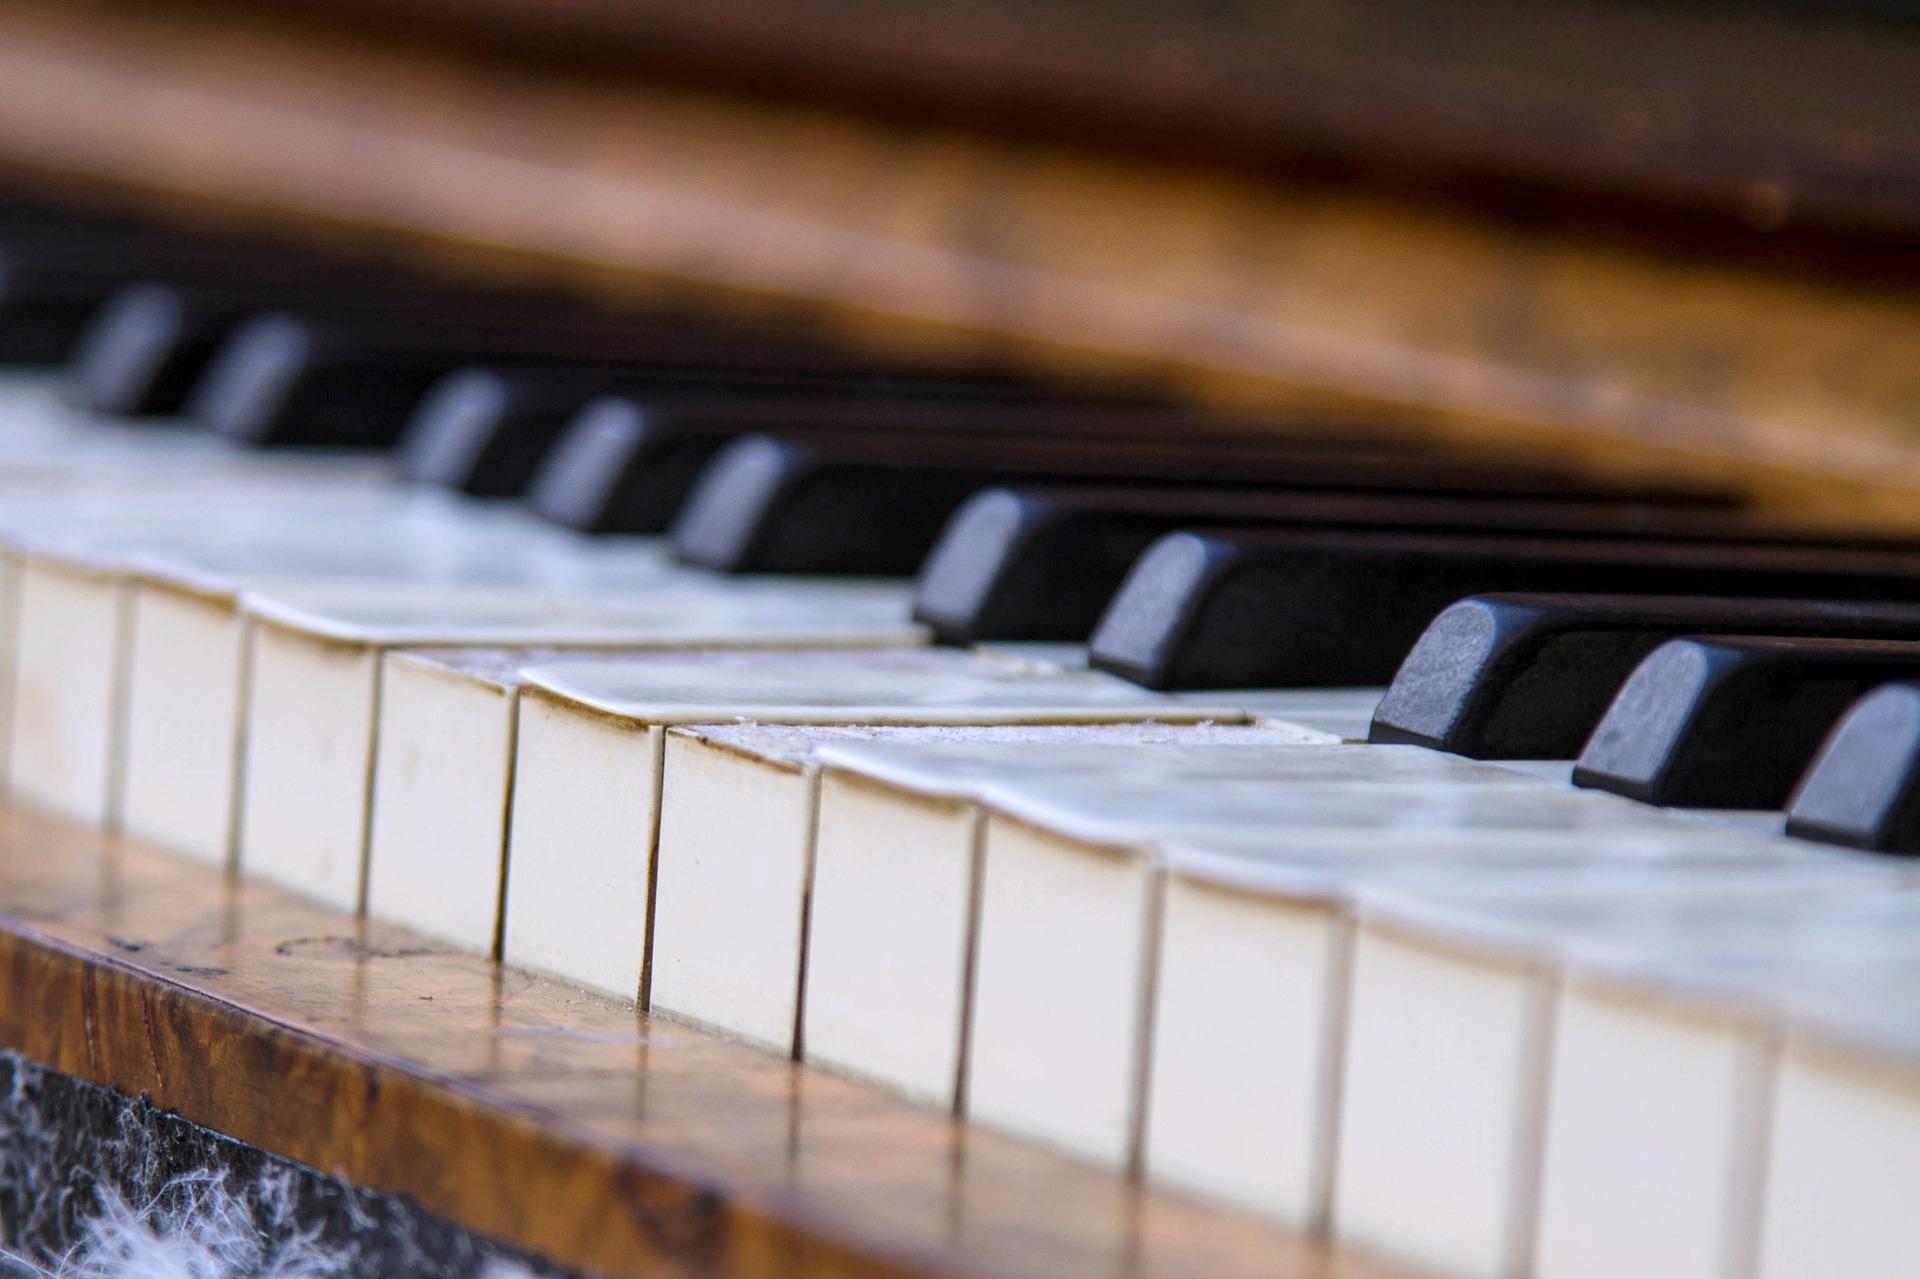 piano-453845_1920